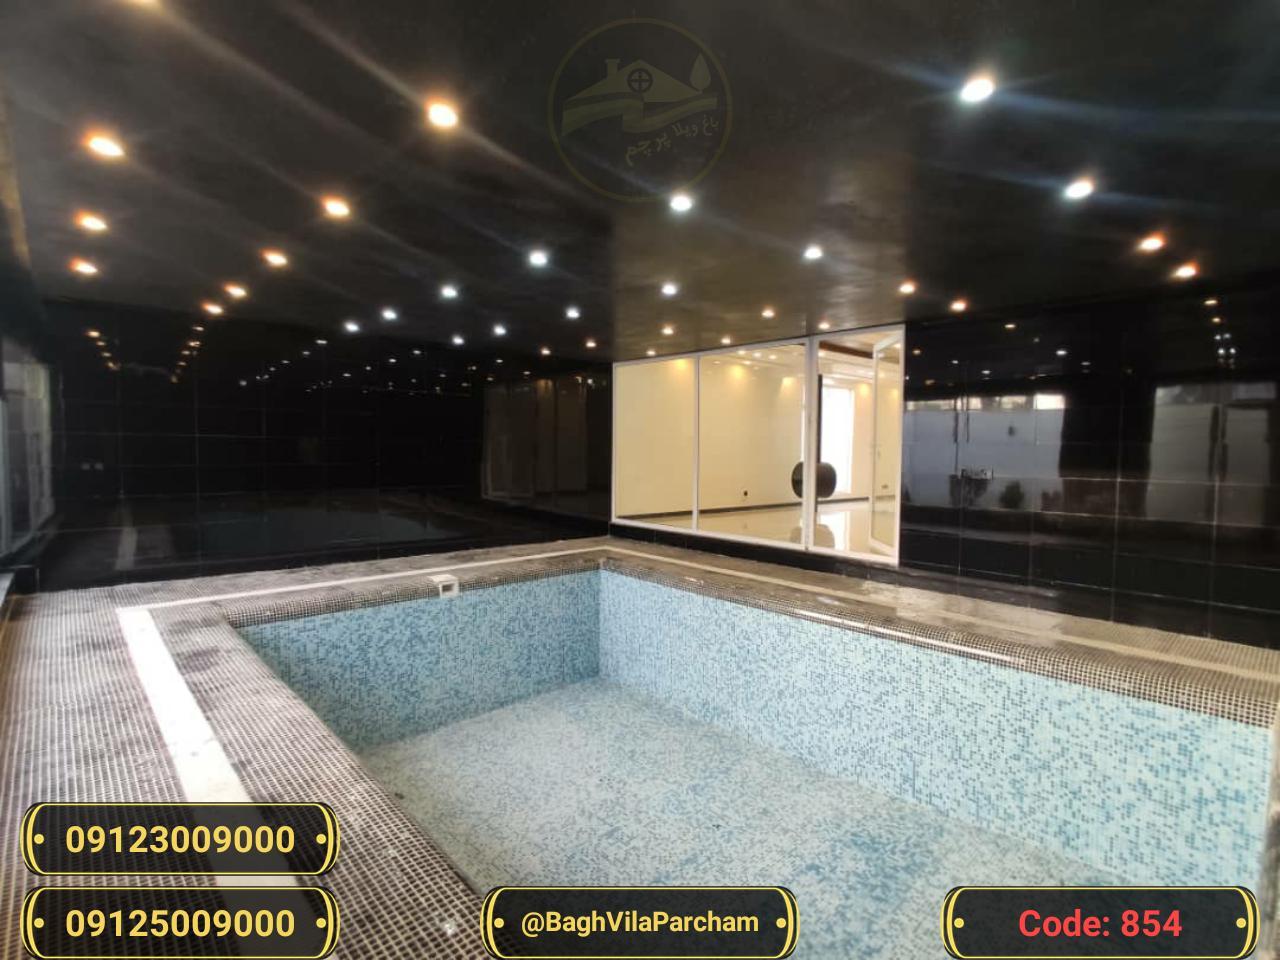 تصویر عکس باغ ویلا شماره 15 از ویلای ۱۰۰۰ متر ویلا مدرن Picture photo image 15 of ۱۰۰۰ متر ویلا مدرن